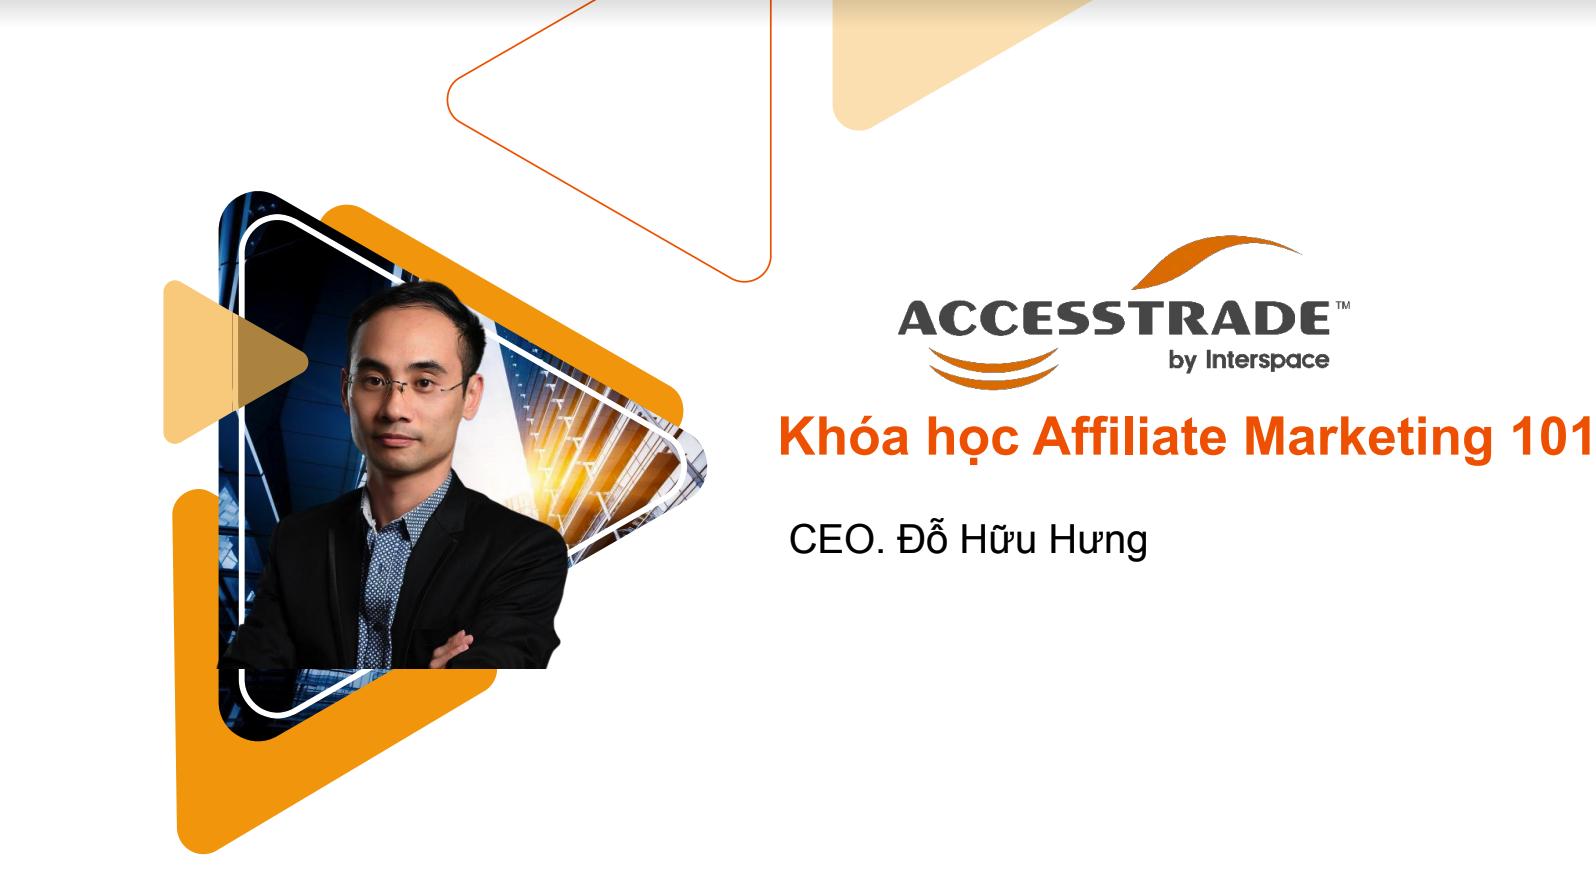 Khóa học tiếp thị Affilate cùng Accesstrade - Đỗ Hữu Hưng